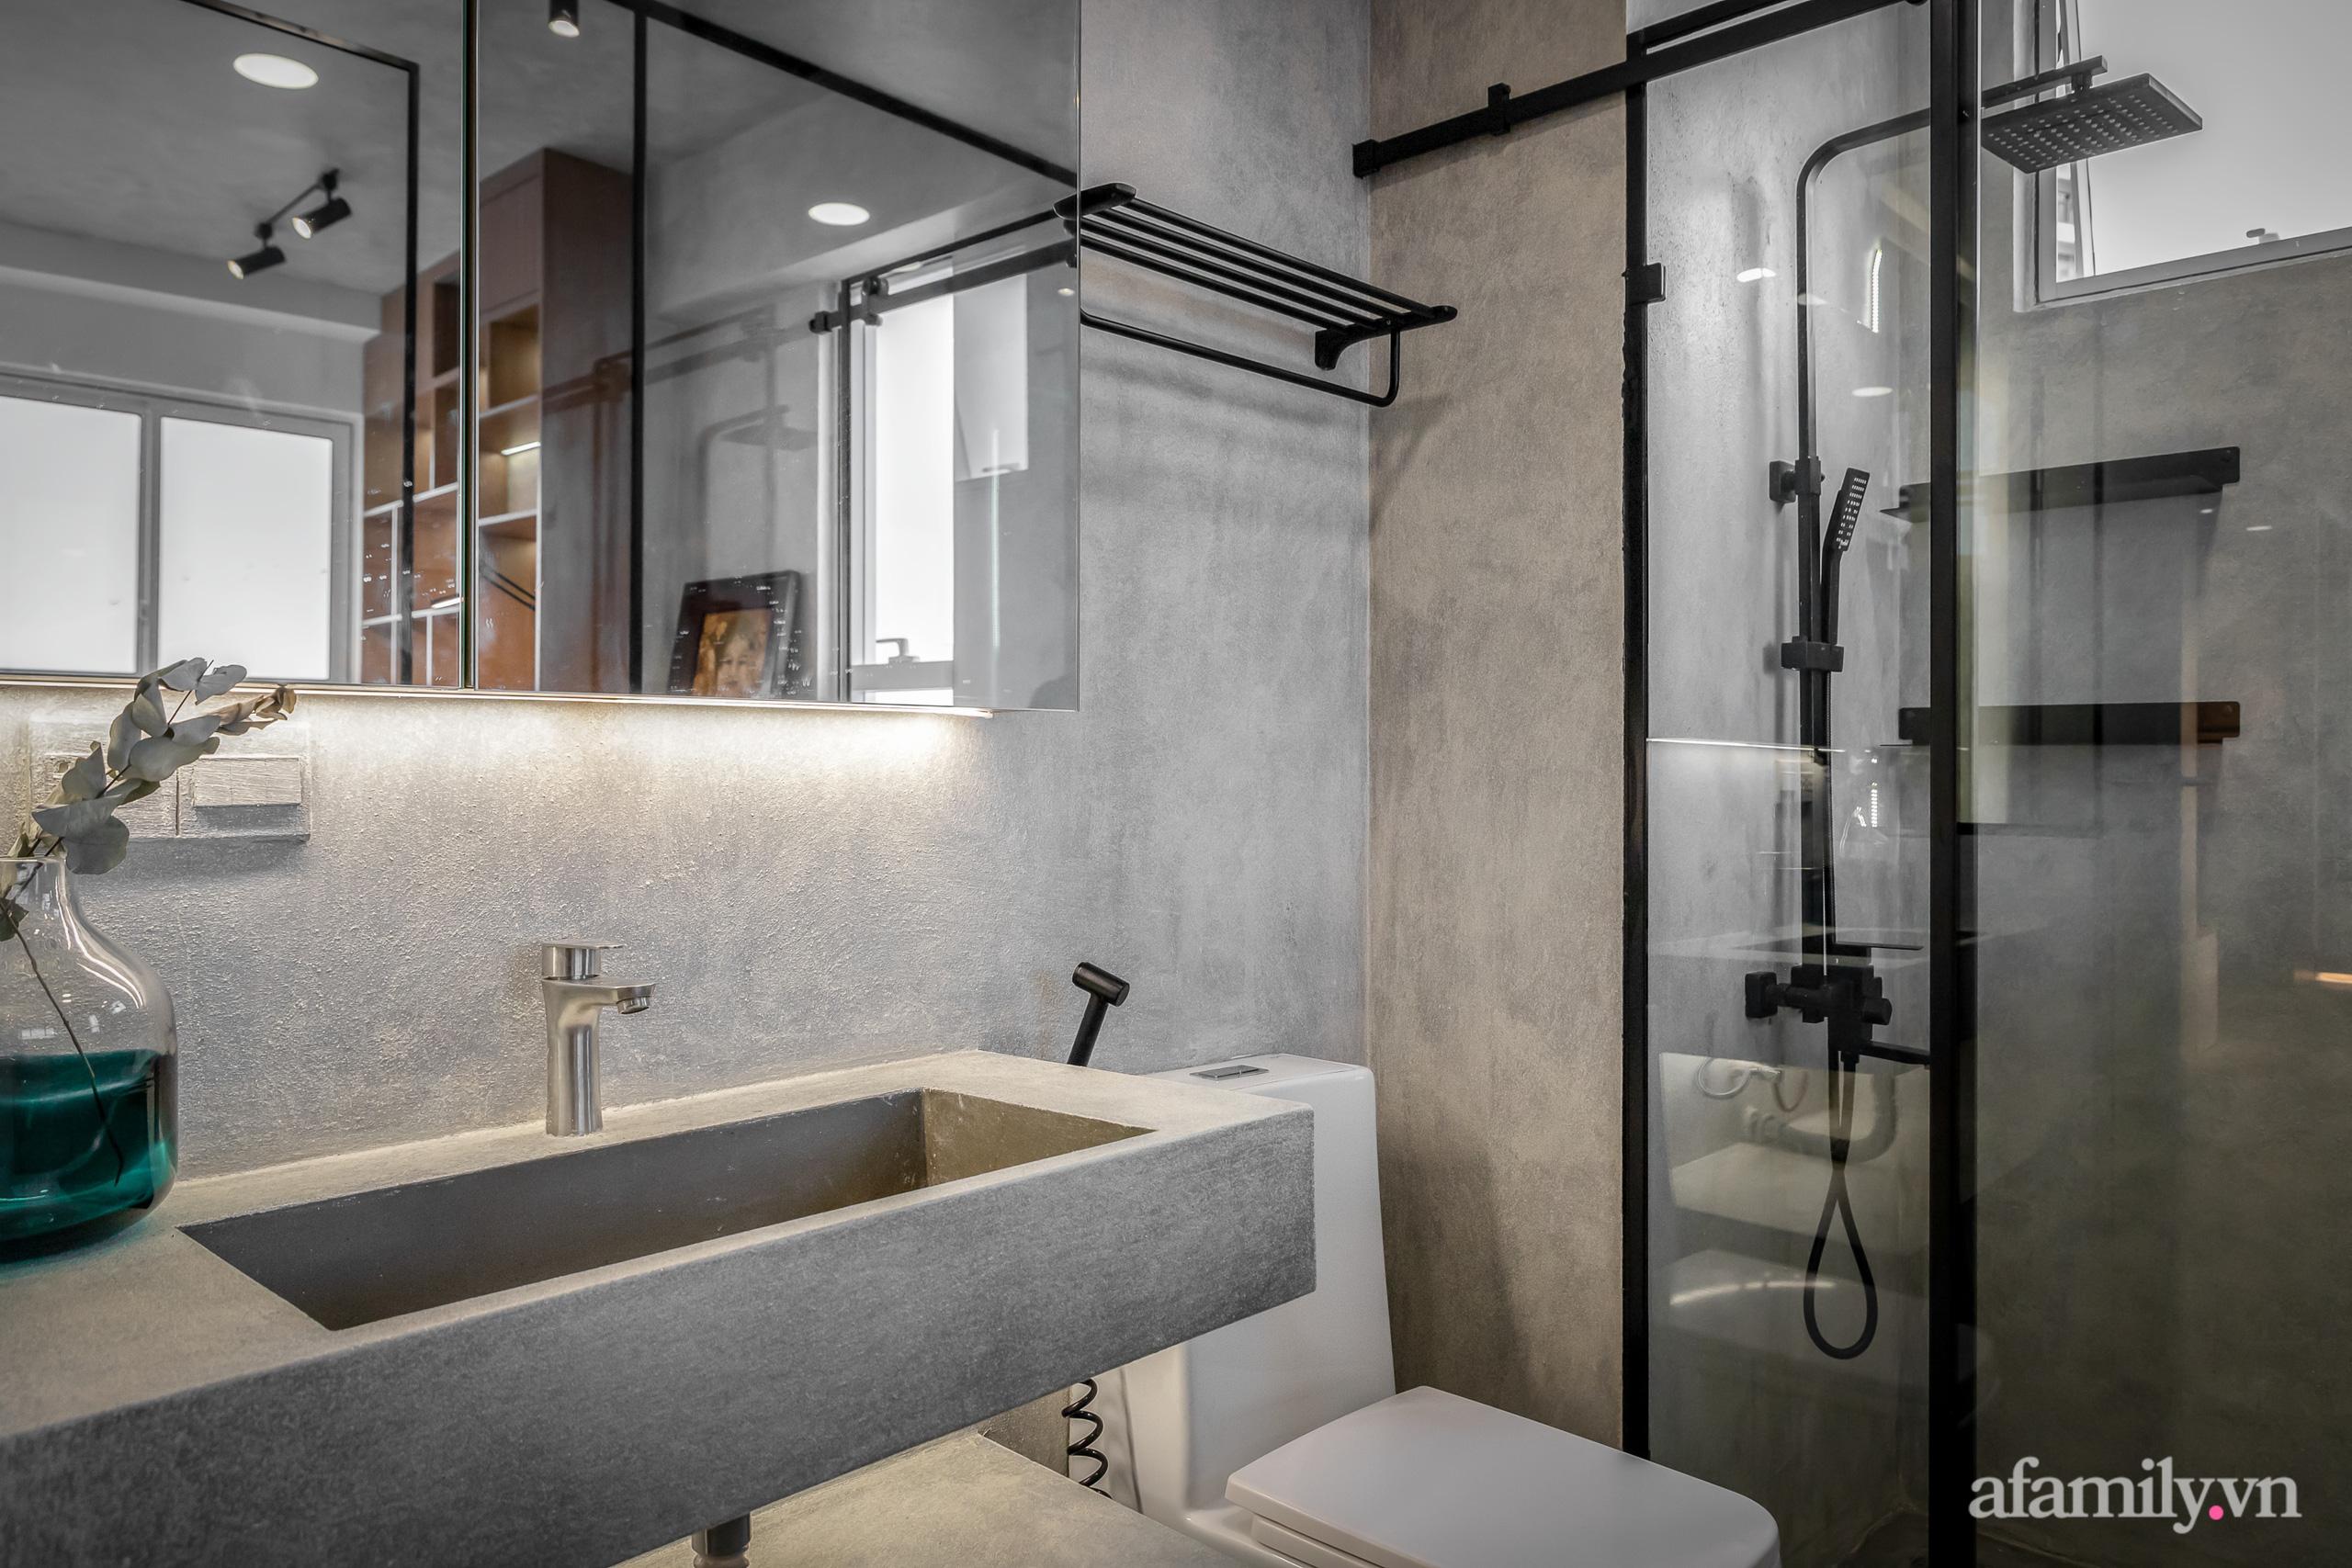 Căn hộ 106m² đẹp cá tính với hiệu ứng bê tông cùng phong cách tối giản có chi phí hoàn thiện 950 triệu đồng ở Sài Gòn - Ảnh 23.